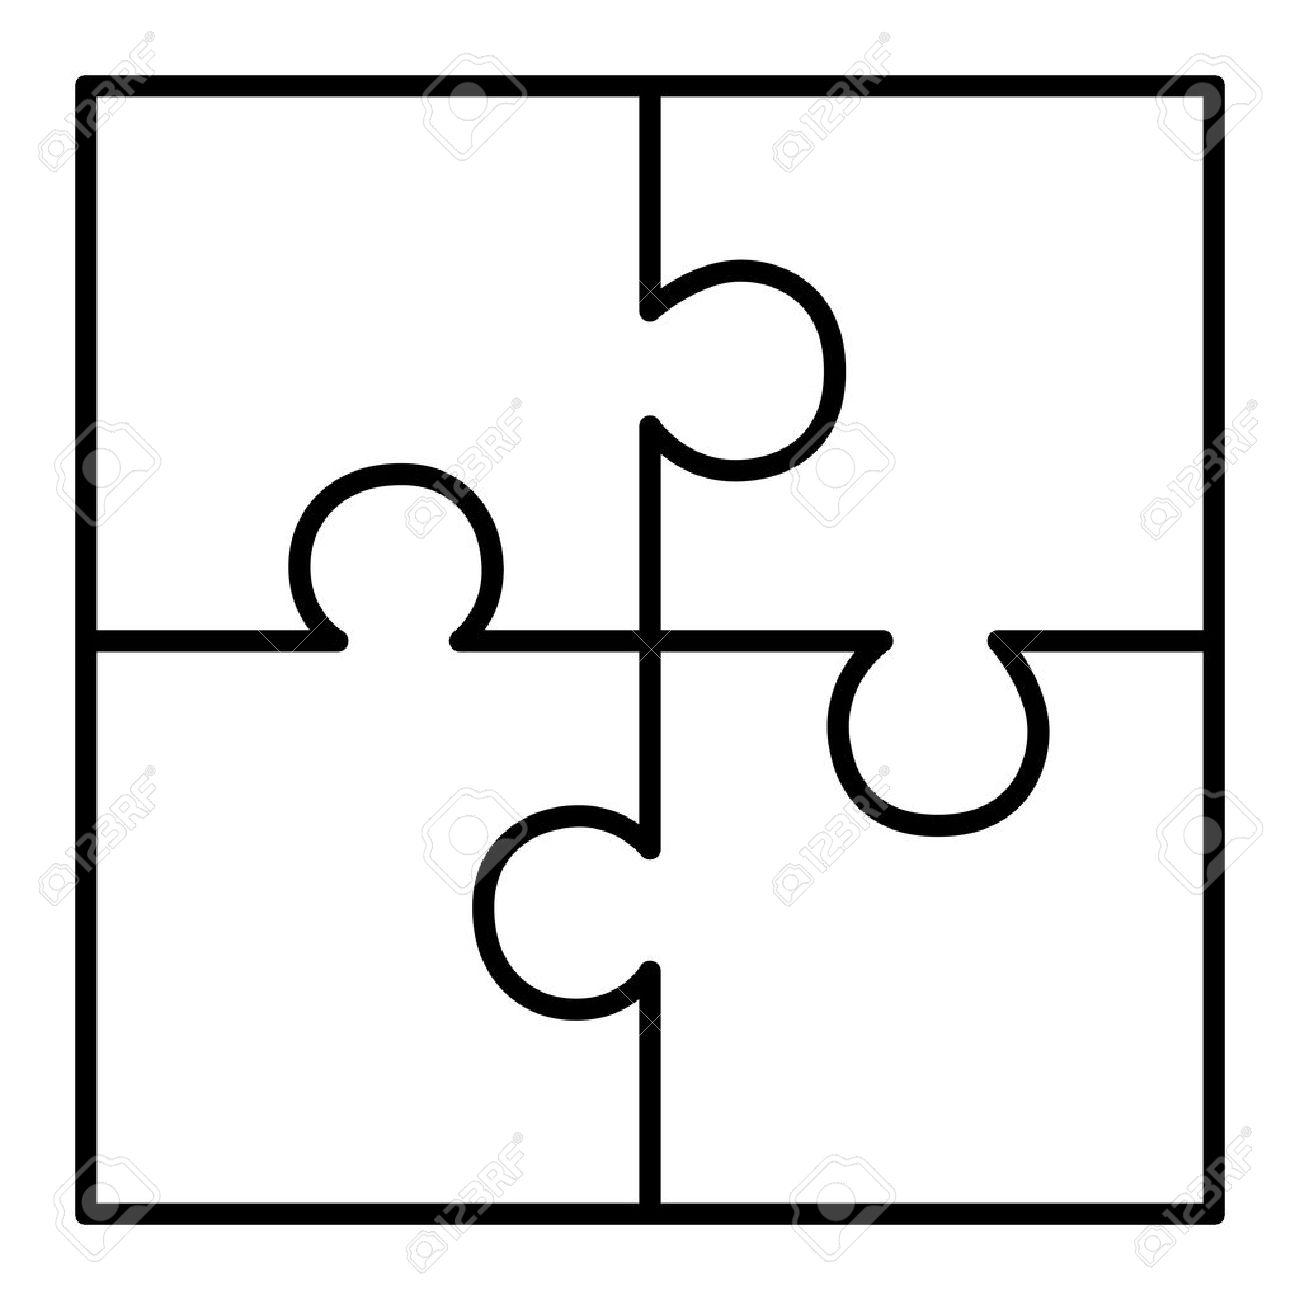 1300x1300 Four Piece Puzzle Diagram Royalty Free Cliparts, Vectors,